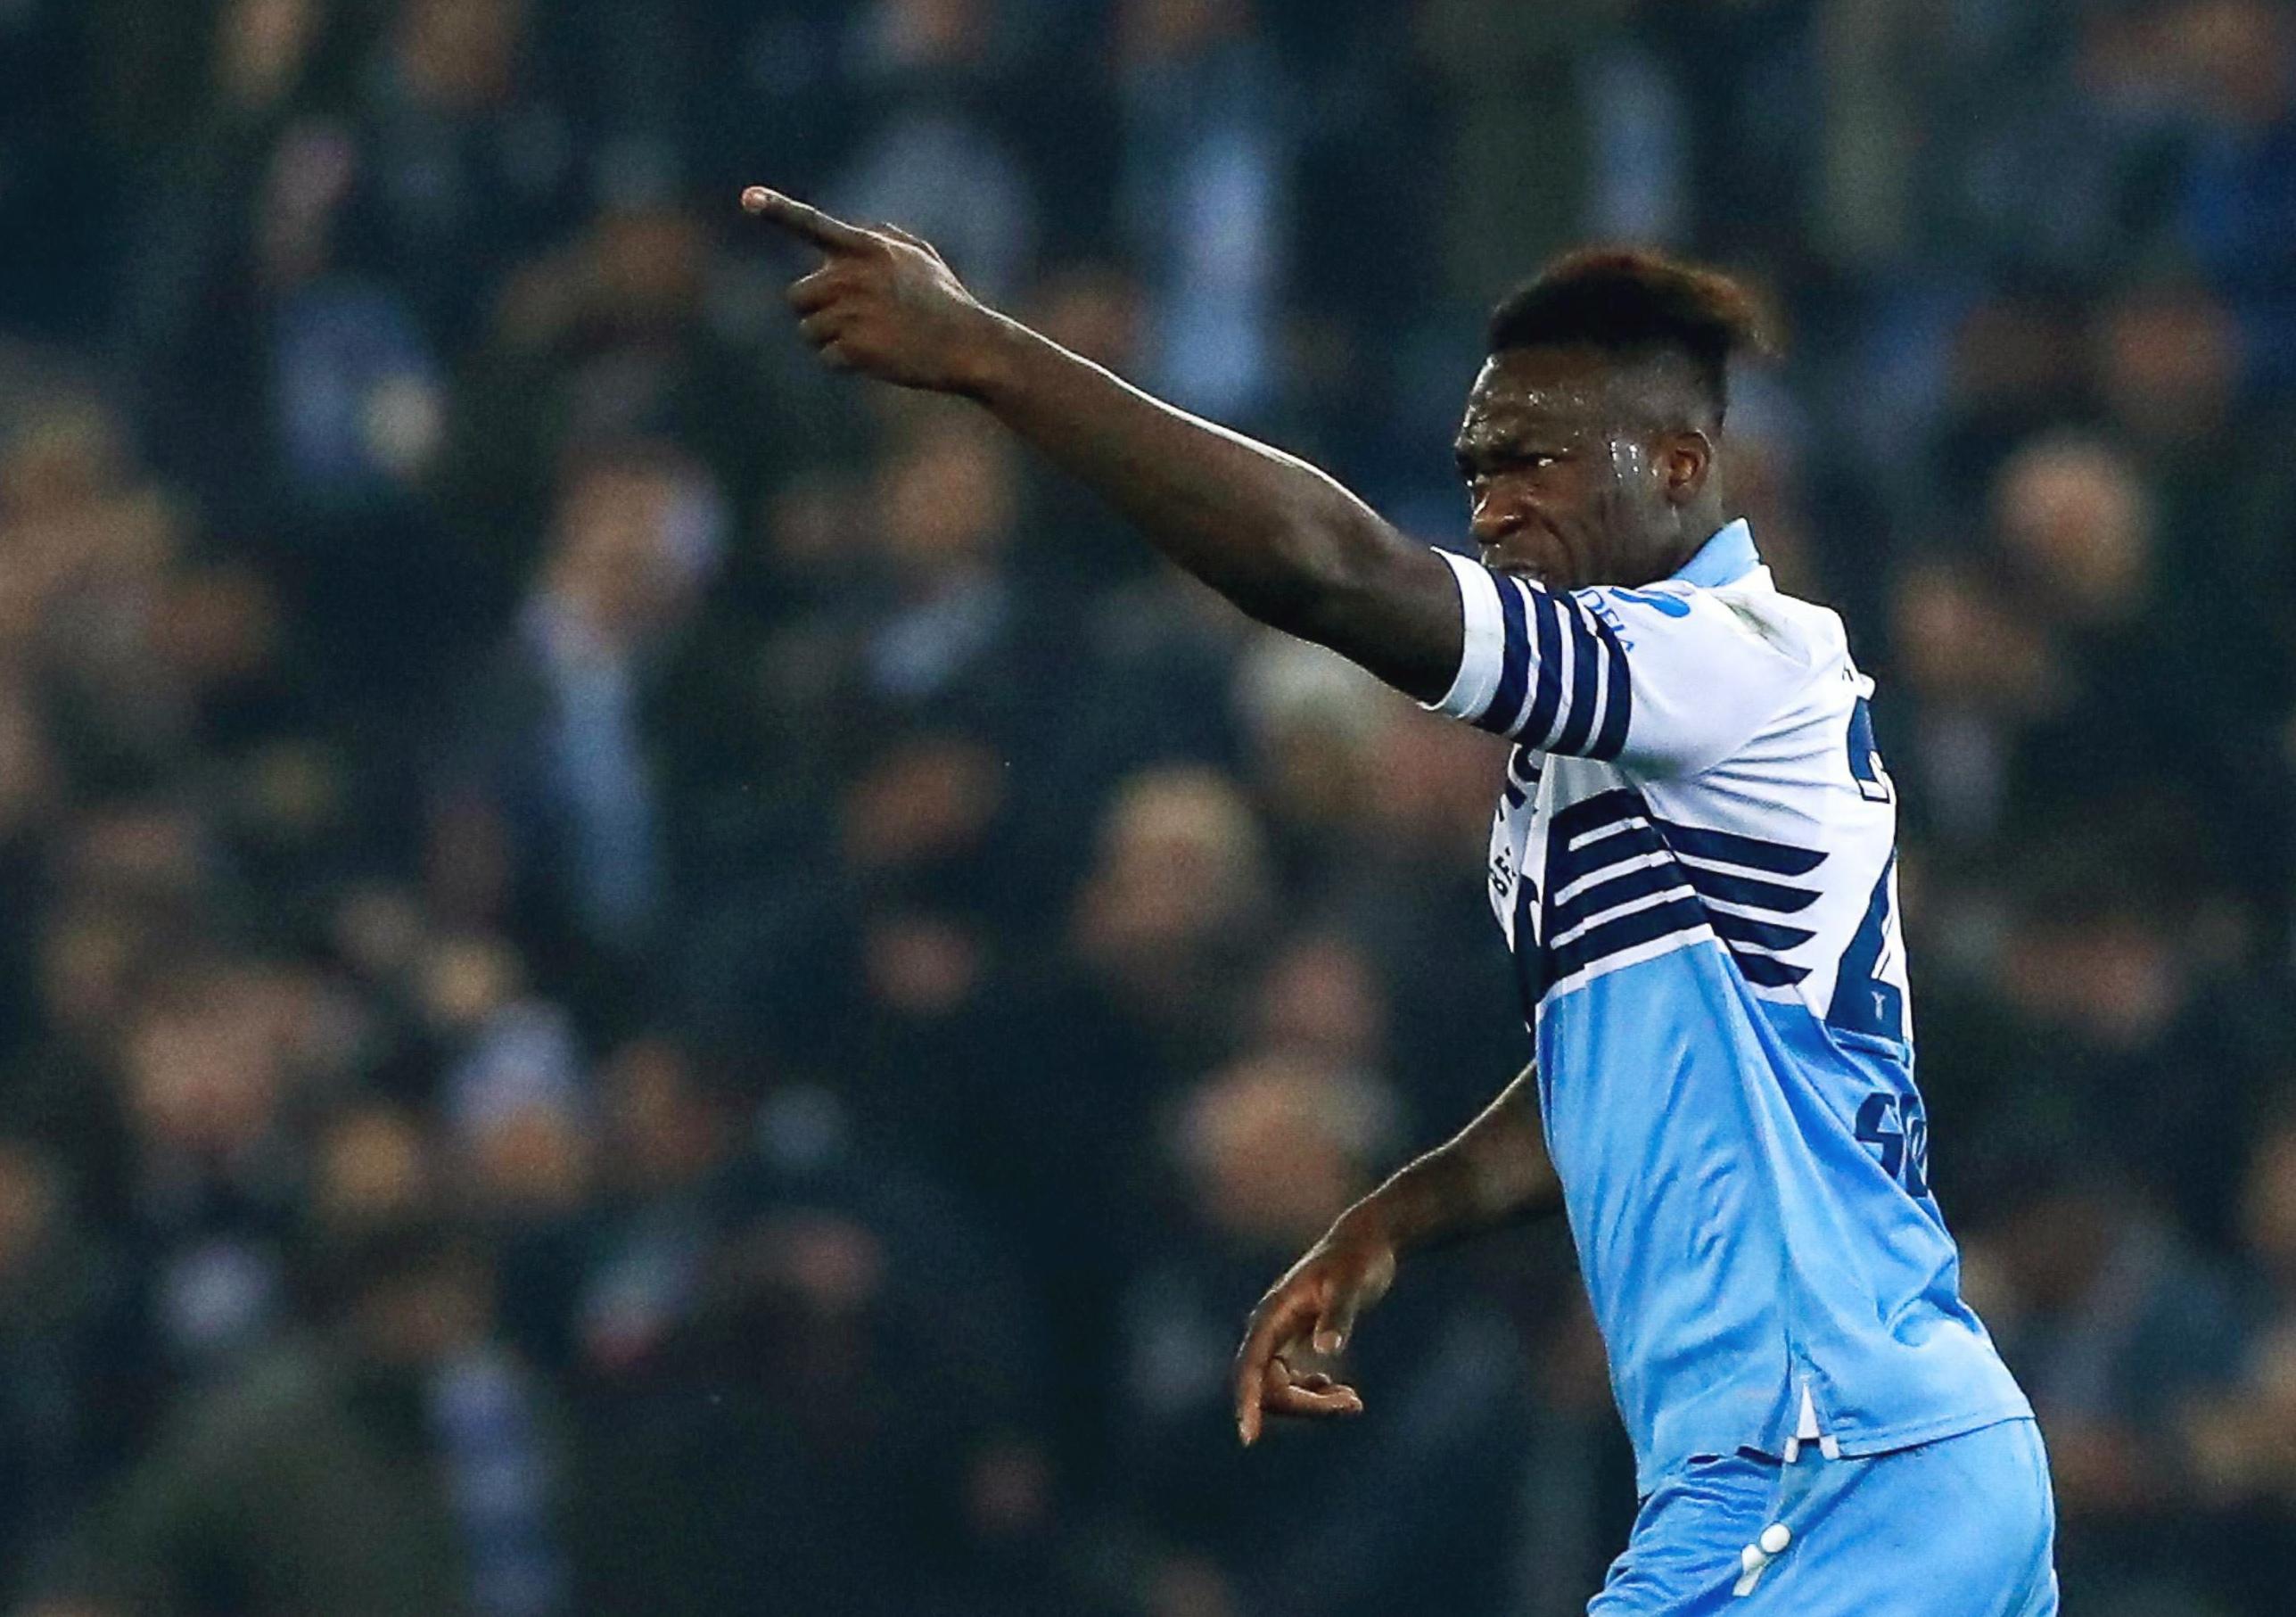 Con gol de Caicedo, Lazio derrota a Roma en derbi capitalino